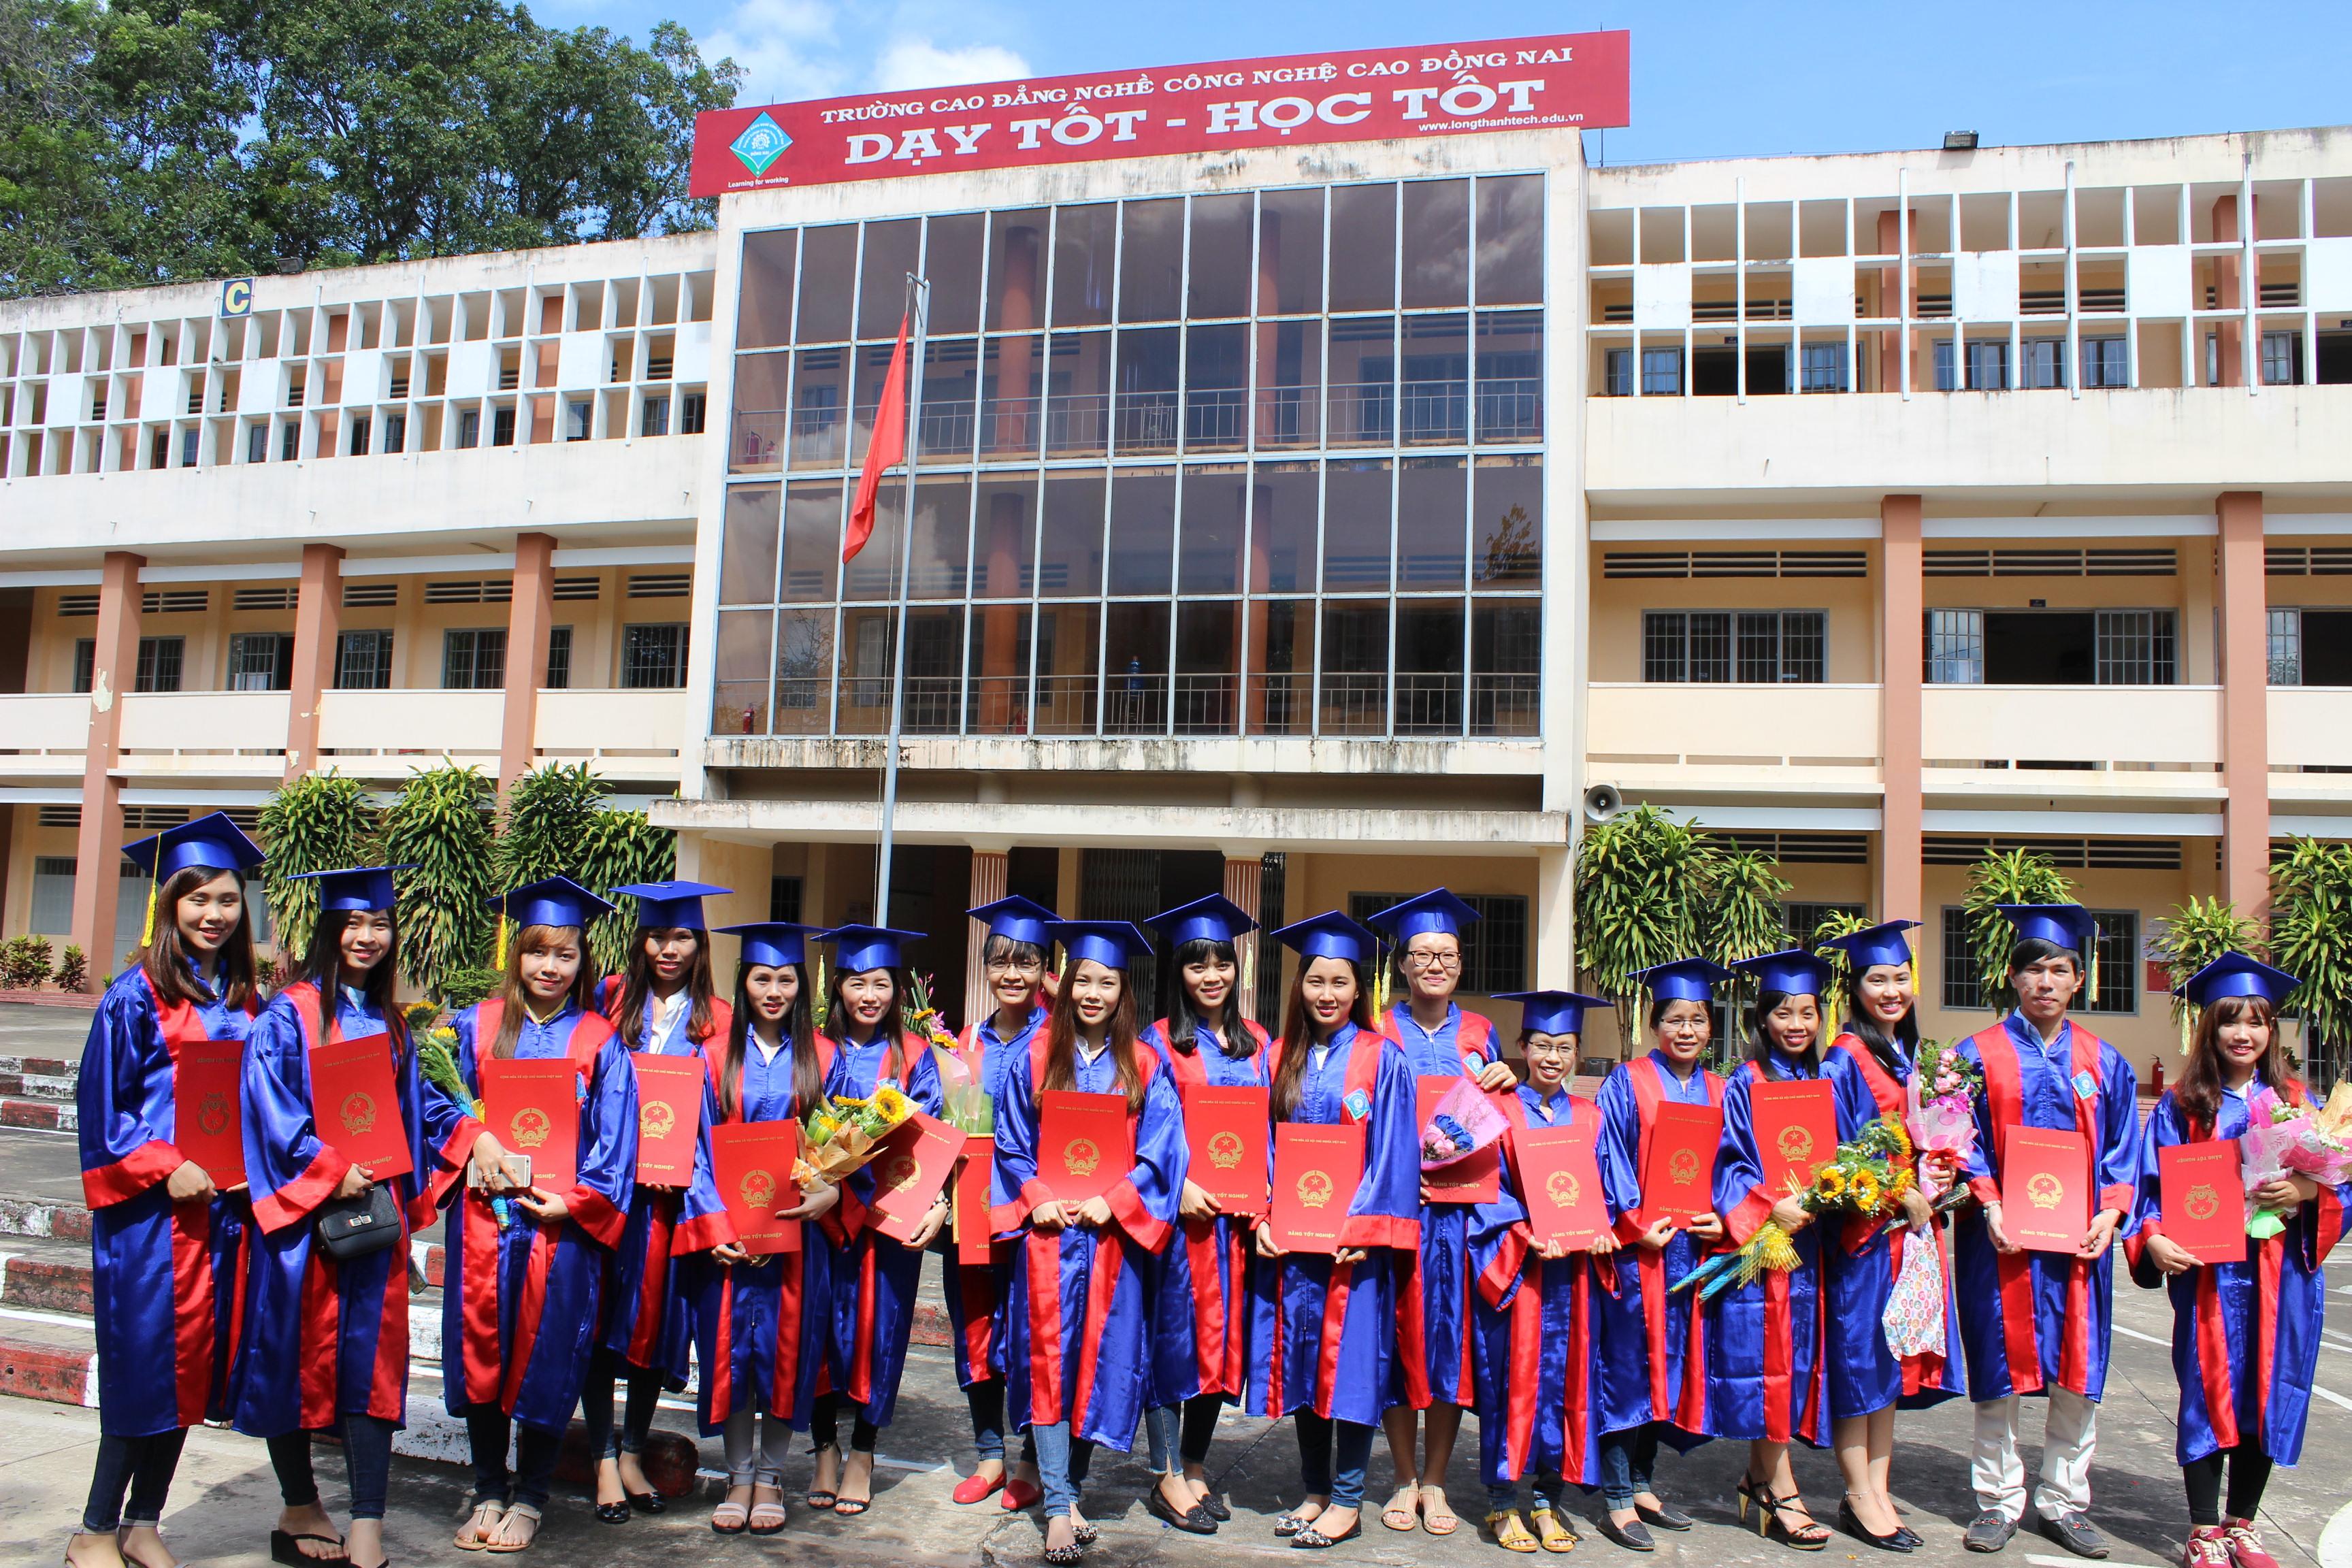 Sinh viên Cao đẳng khóa 2013-2016 tốt nghiệp